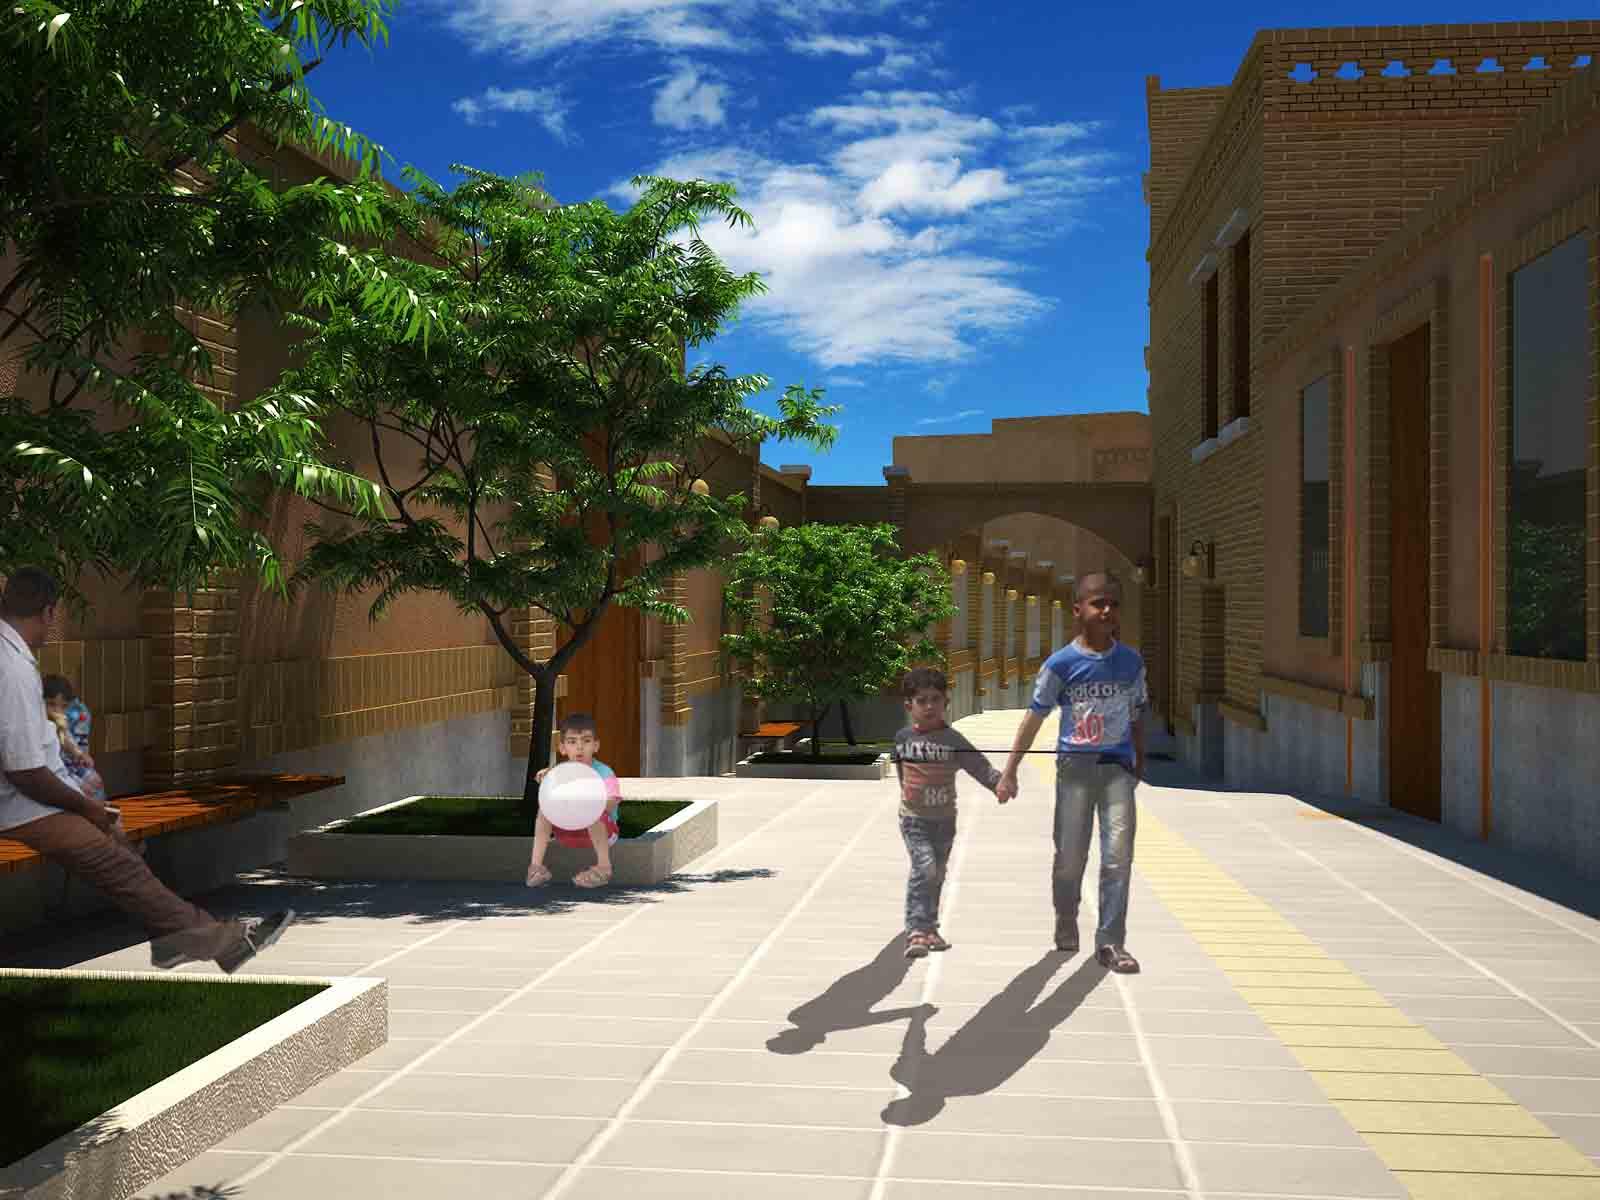 طرح پیادهراههای بافت تاریخی سمنان